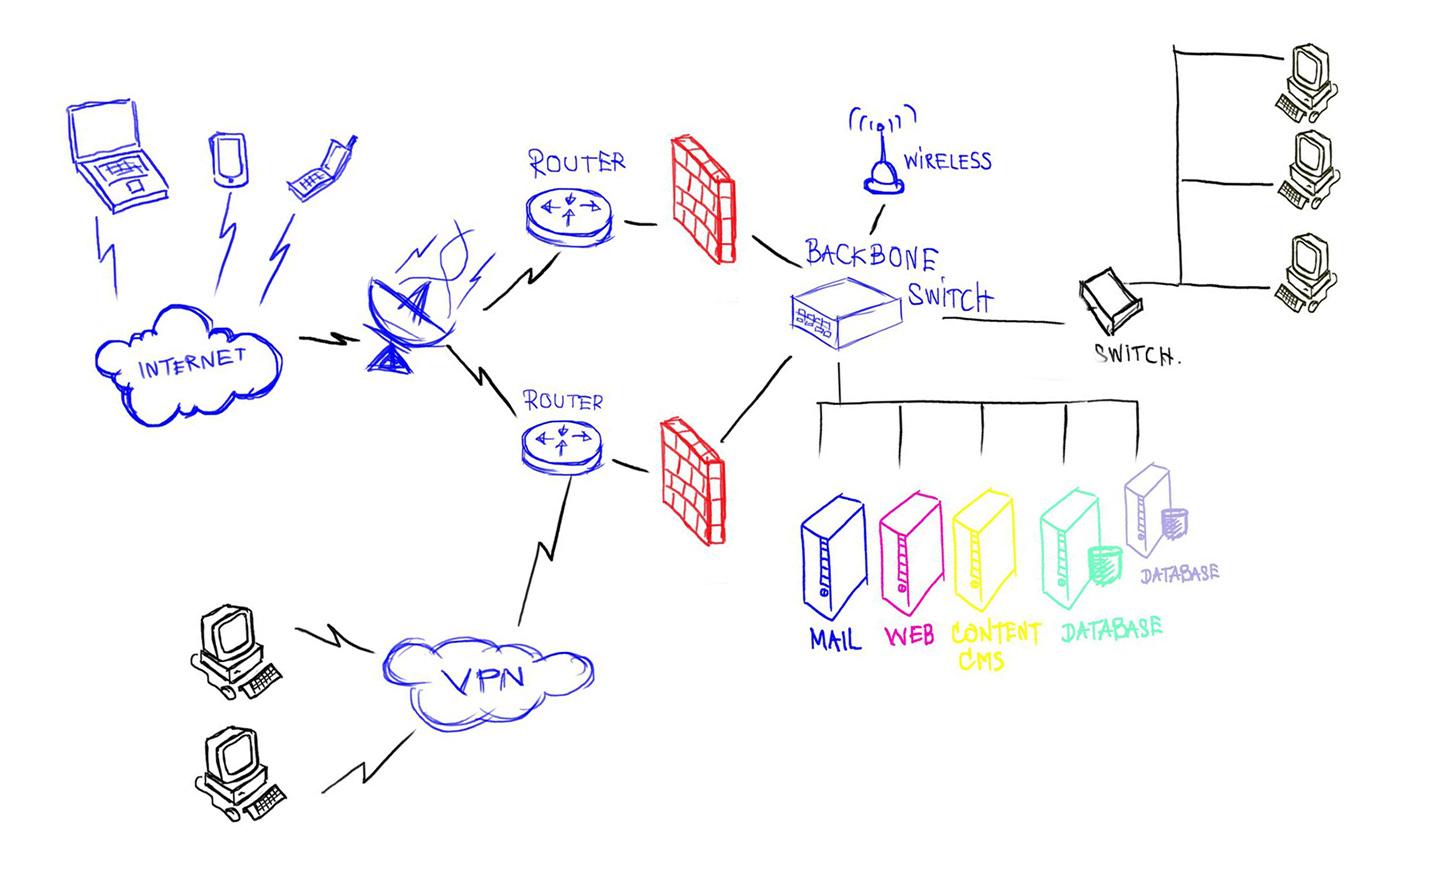 Sécuriser l'Accès au NAS Synology avec OpenVPN